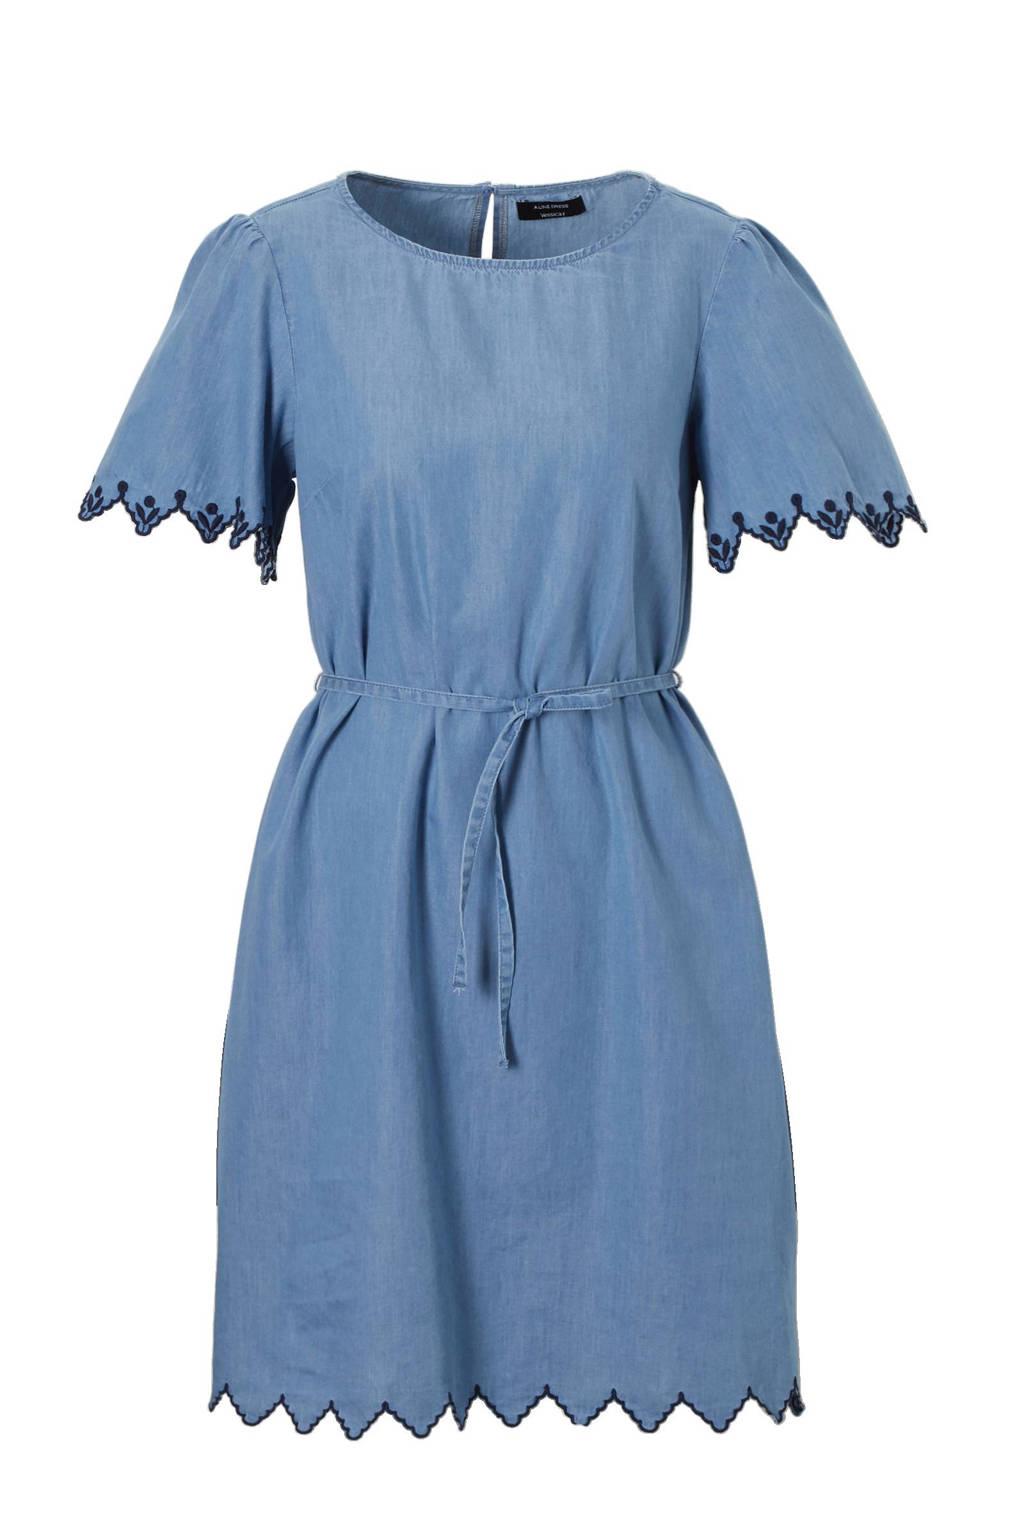 C&A Yessica jurk met borduursels lichtblauw, Lichtblauw